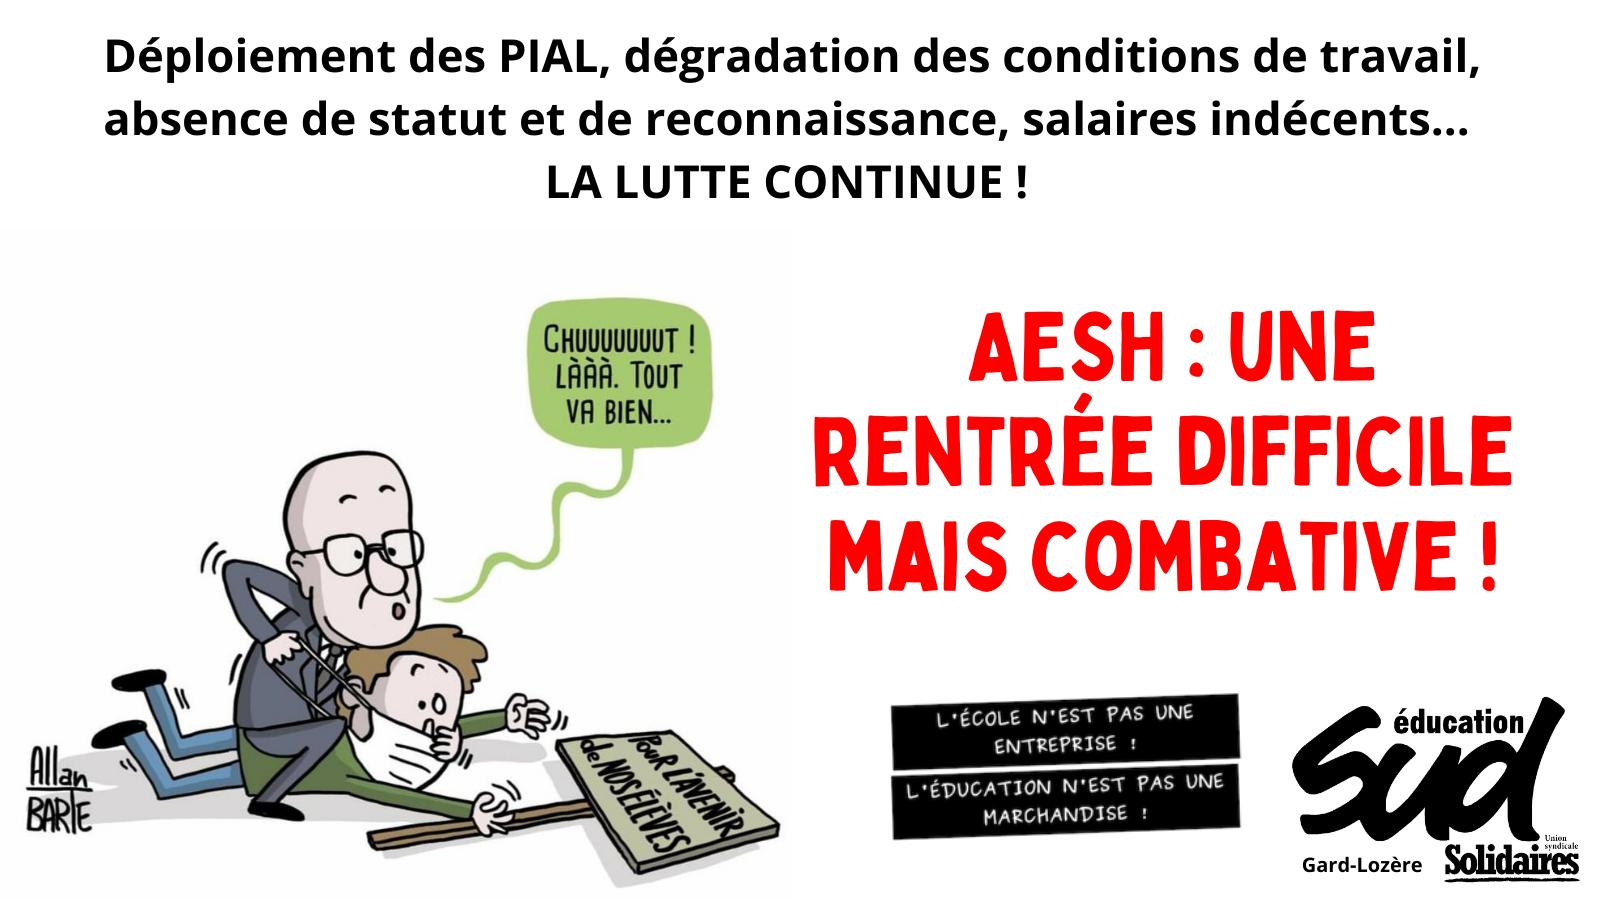 AESH : une rentrée difficile mais combative !